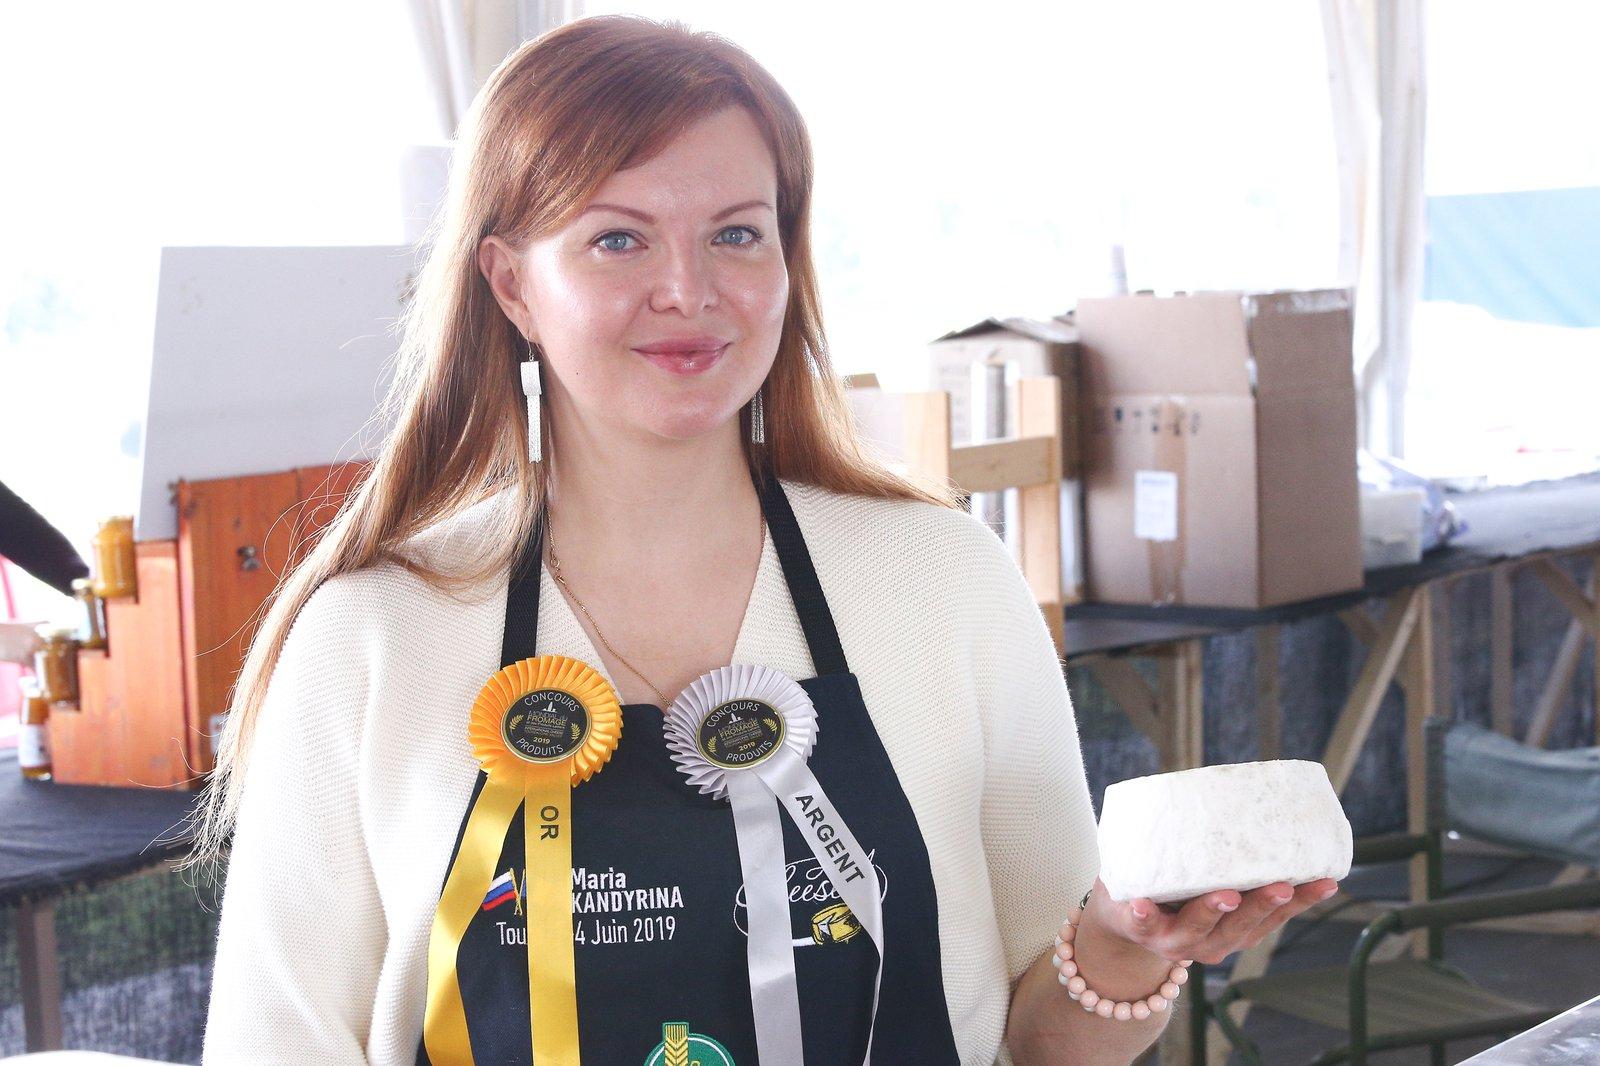 Андрей Воробьев губернатор московской области - Мария Кандырина — сыровар из Подмосковья